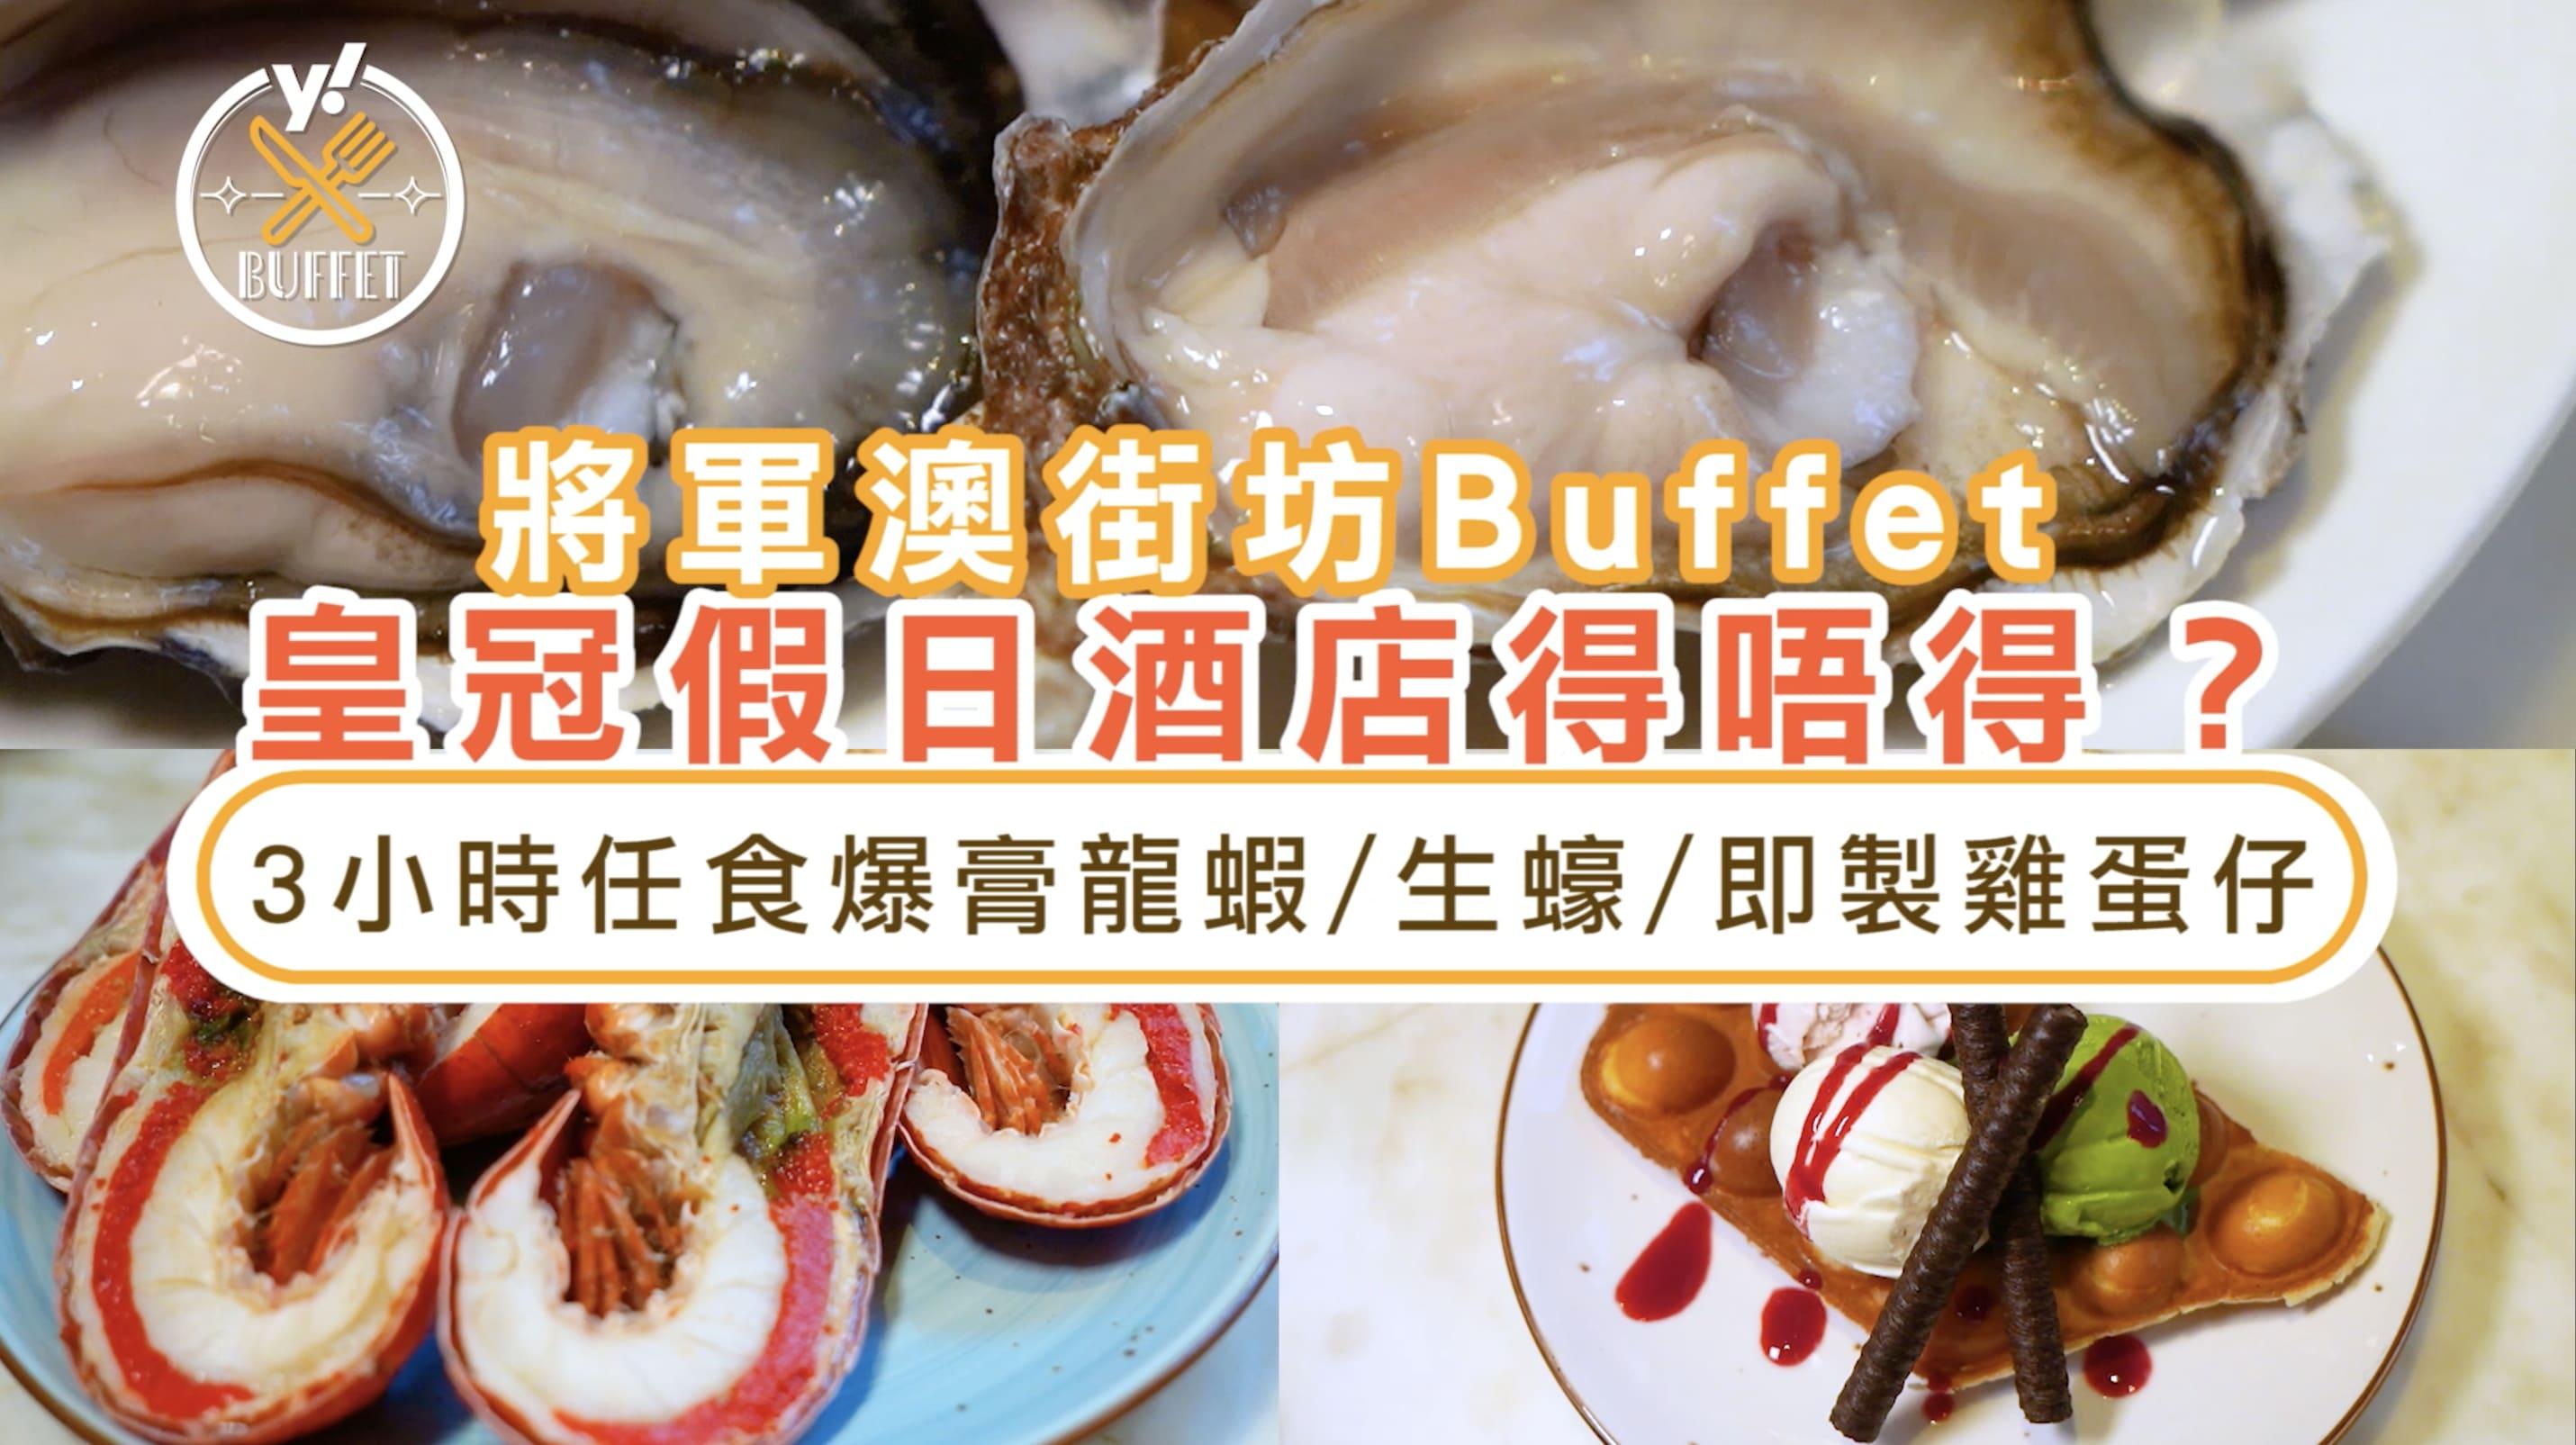 自助餐優惠|將軍澳皇冠假日酒店Buffet 3小時任食爆膏龍蝦/鮮甜生蠔/即製雞蛋仔